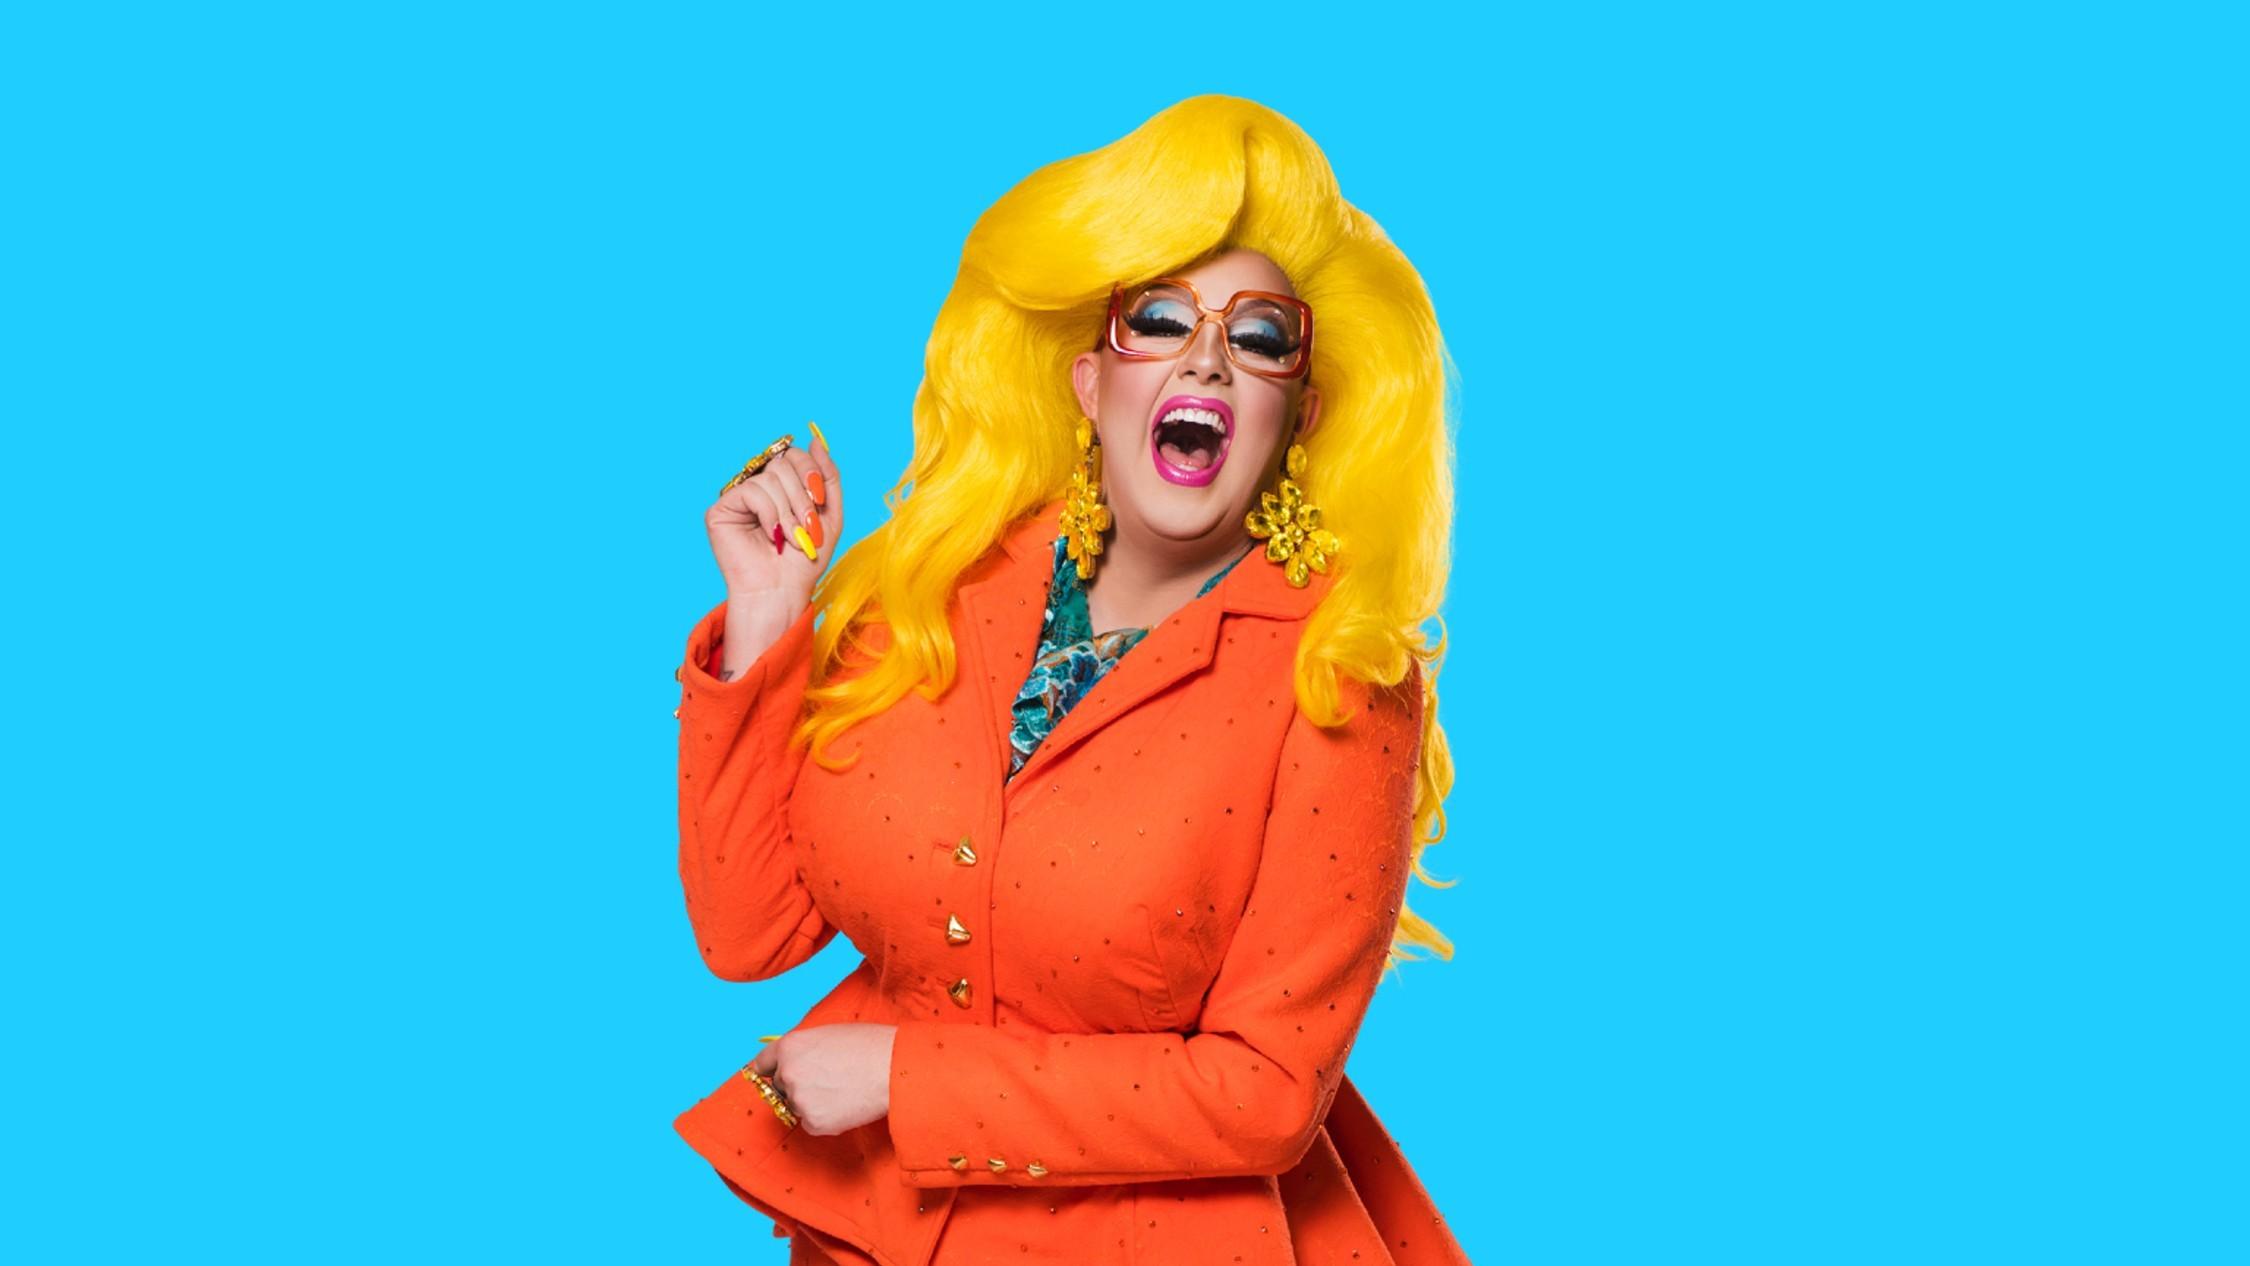 Darg queen Karen From FInance in an orange suit and huge yellow wig